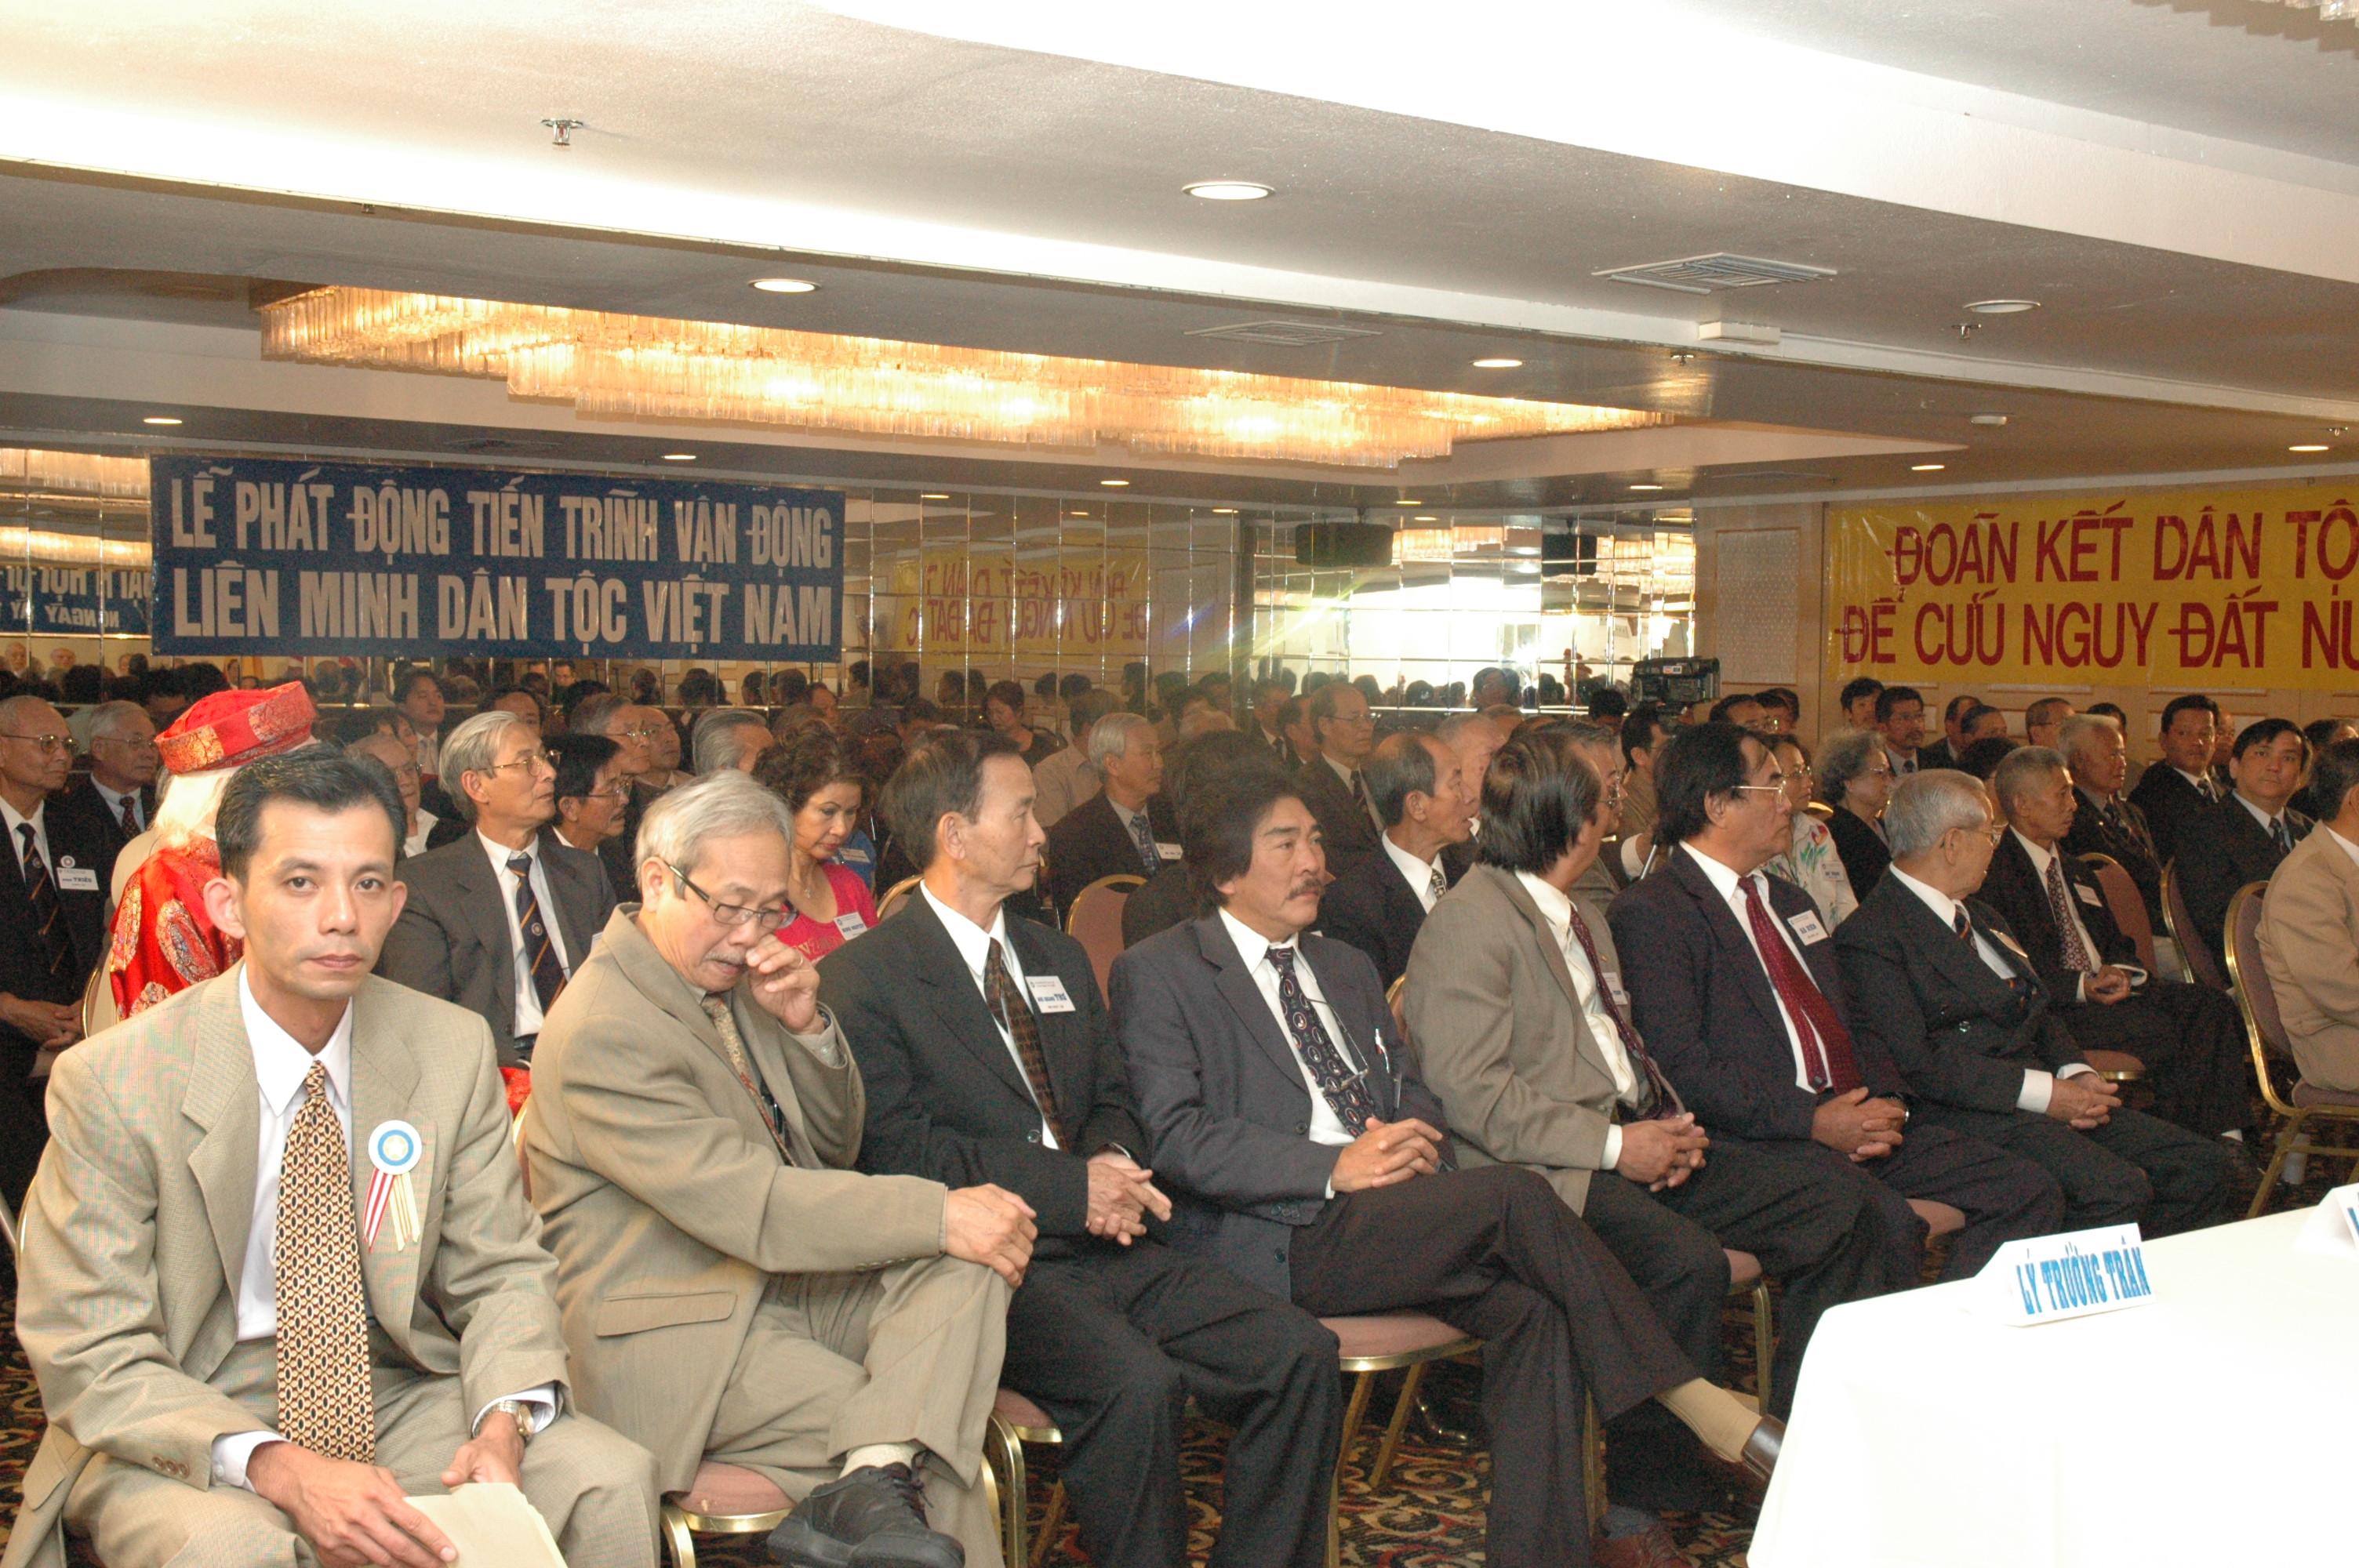 Dai Hoi Dang 15-16-8-2008 (7)